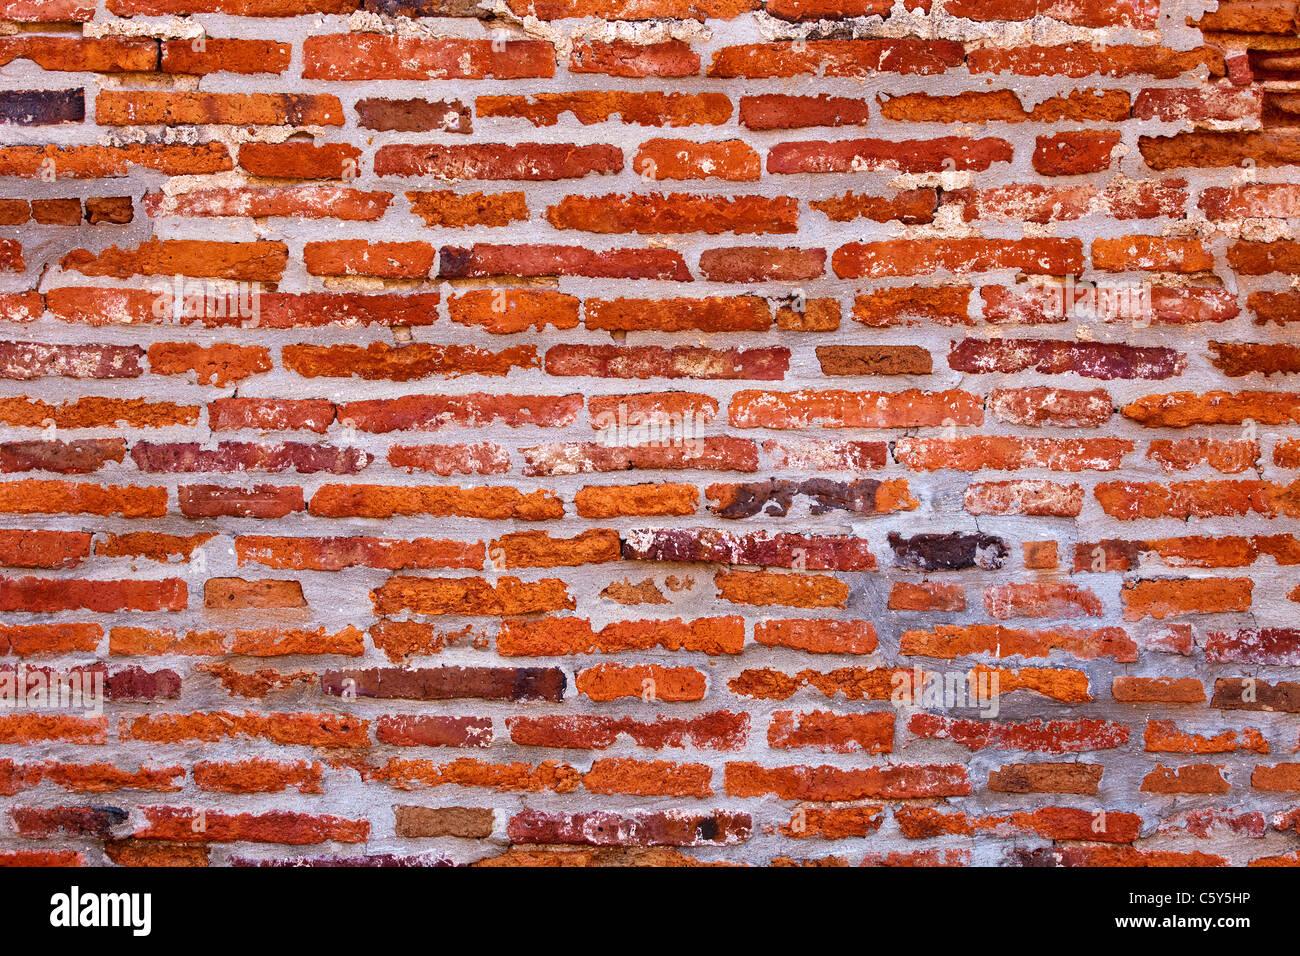 A Brick Wall - Stock Image